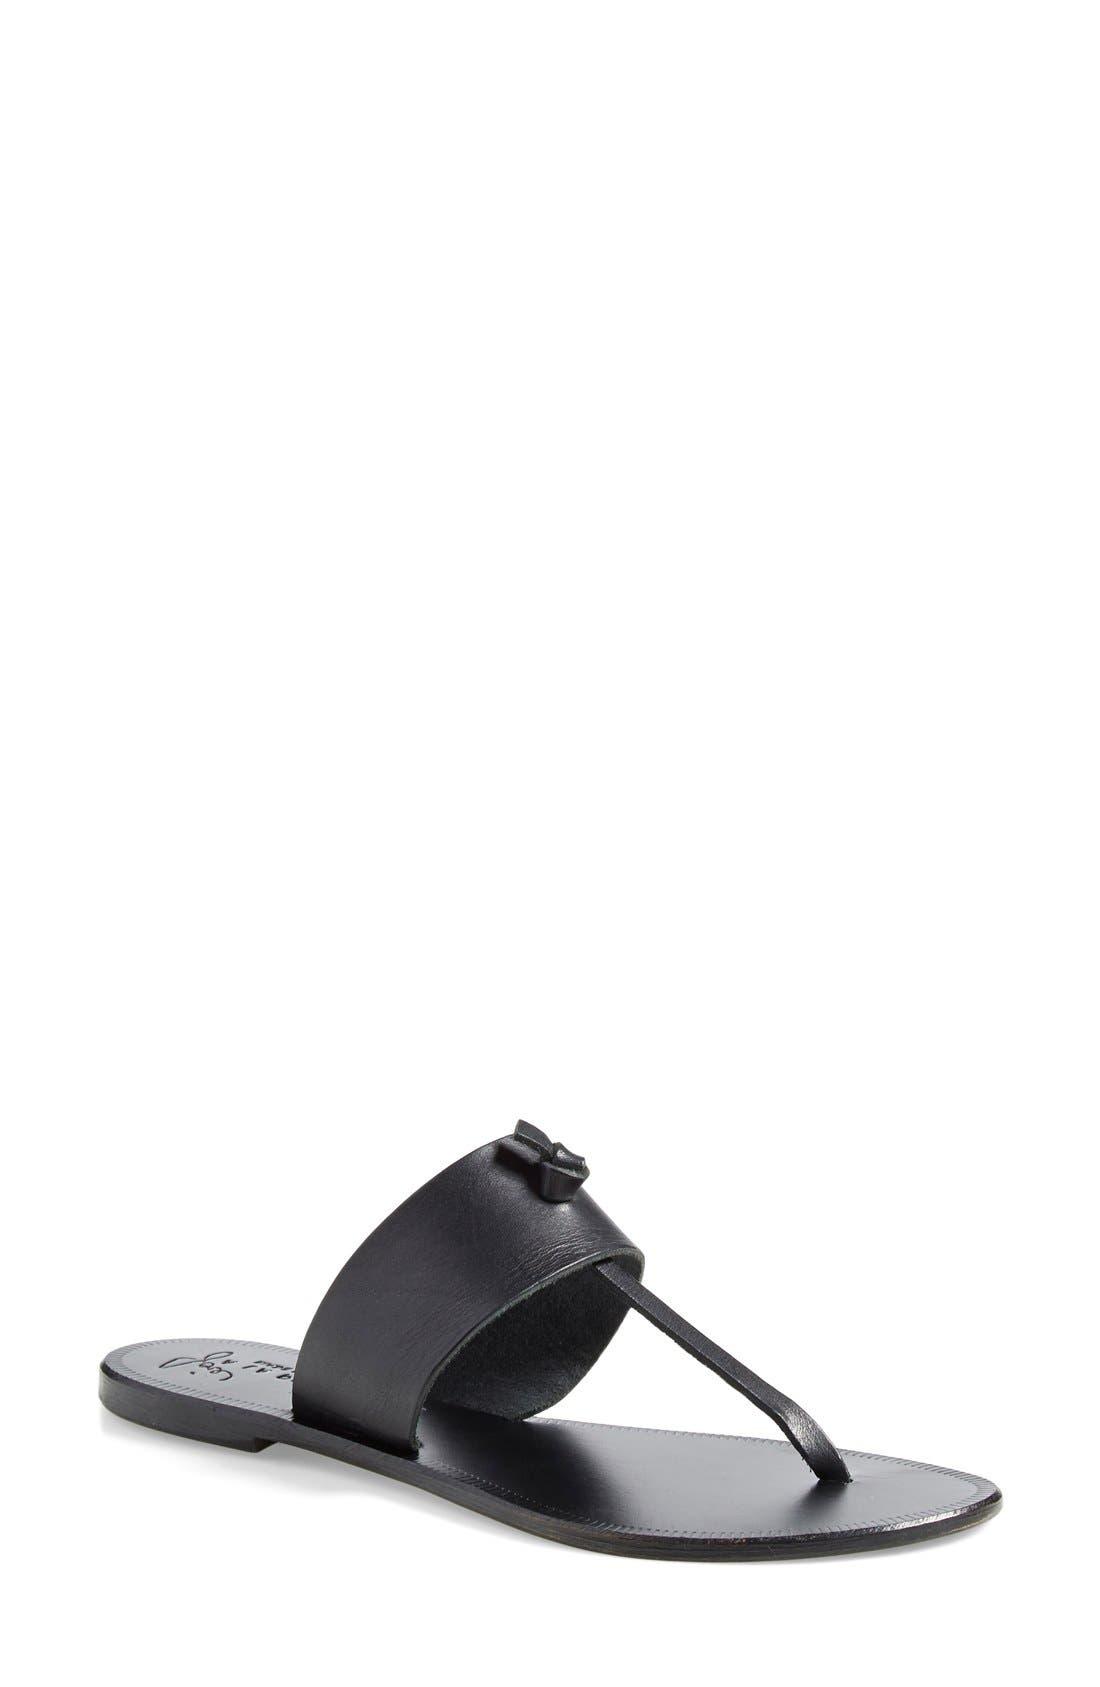 a la Plage 'Nice' Flip Flop,                         Main,                         color, Black/ Black